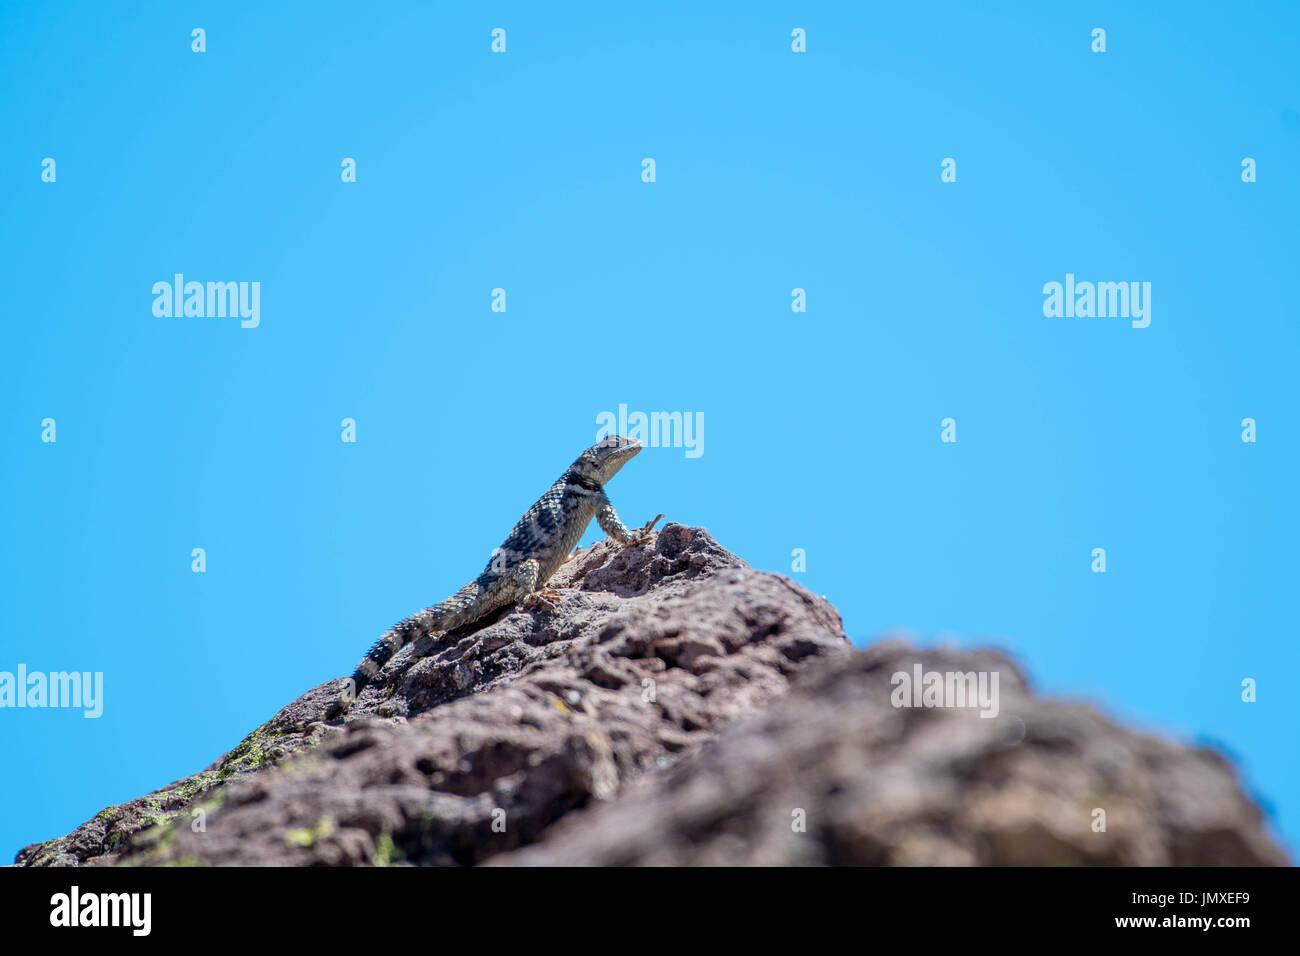 New mexico socorro county magdalena - New Mexico Crevice Spiny Lizard Sceloporus Poinsettii Poinsettii Magdalena Mountains Socorro